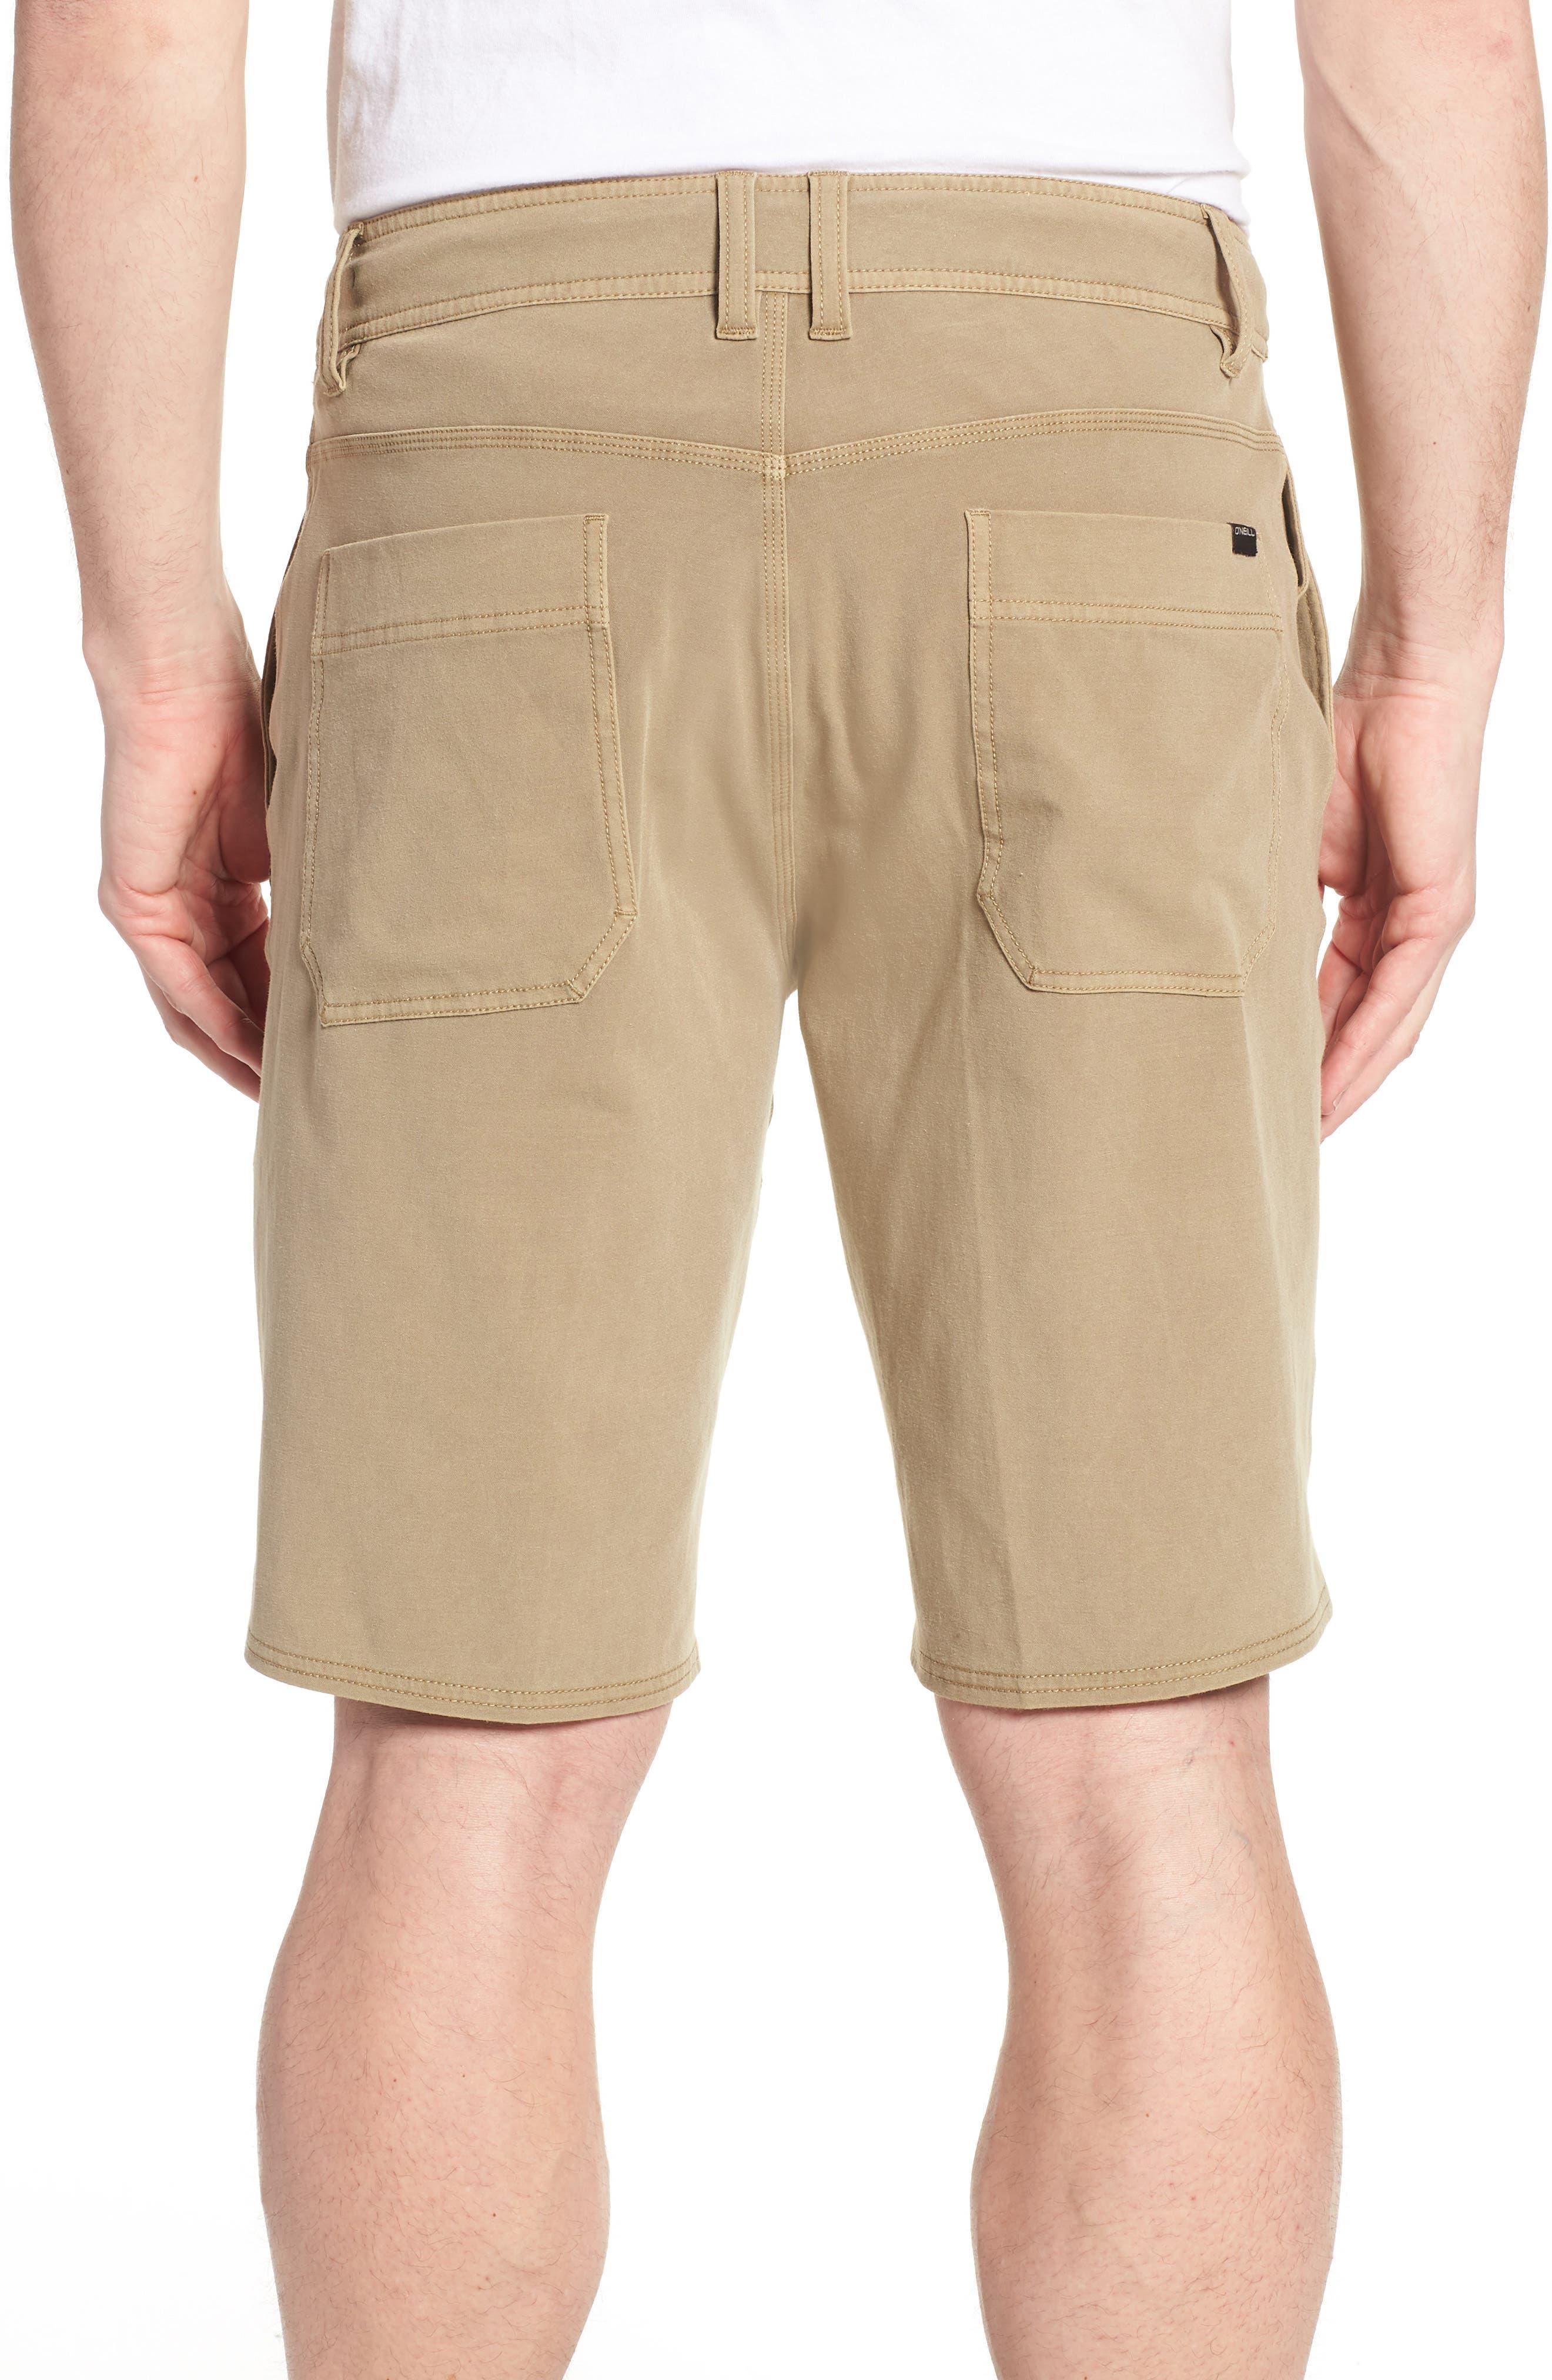 Venture Overdye Hybrid Shorts,                             Alternate thumbnail 2, color,                             Khaki